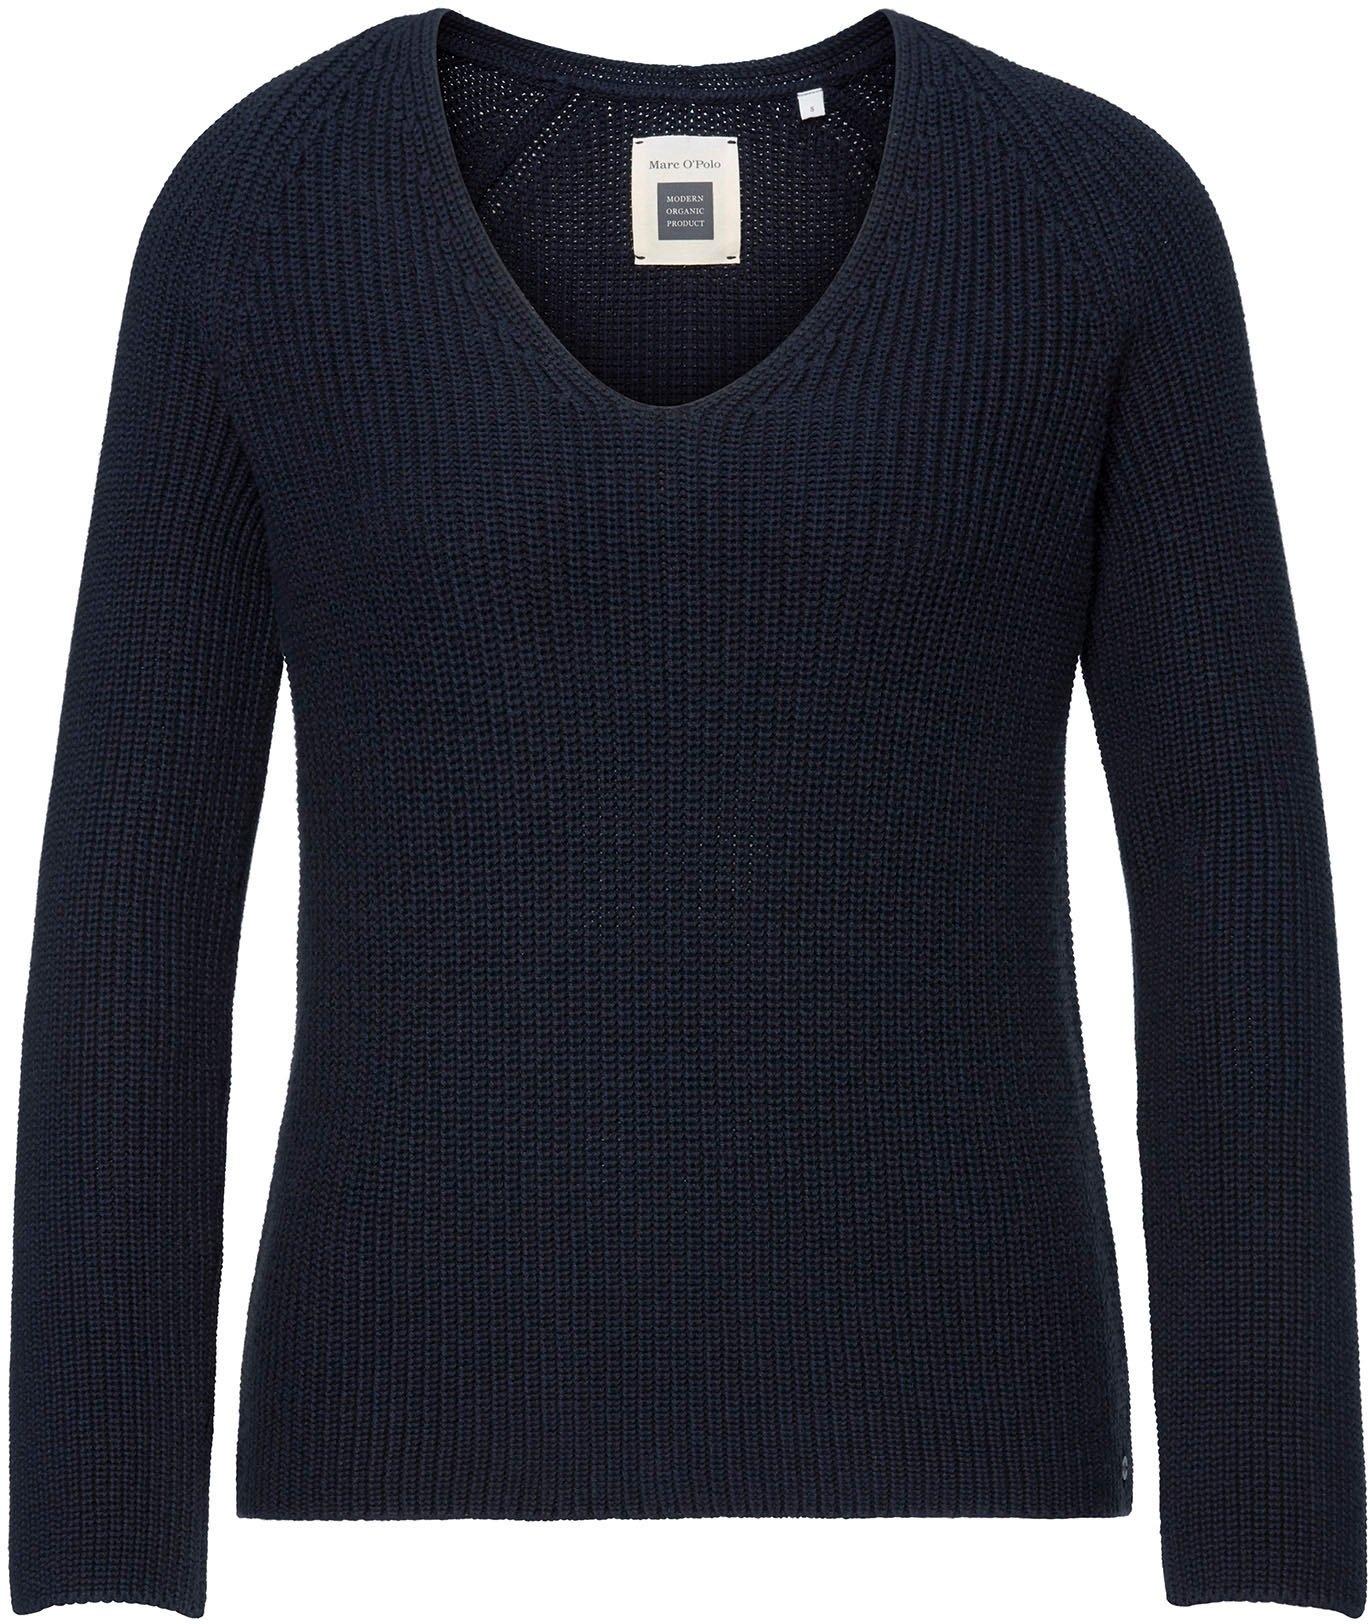 Marc O'Polo gebreide trui met een decoratief breimotief op de mouw en v-hals - gratis ruilen op otto.nl